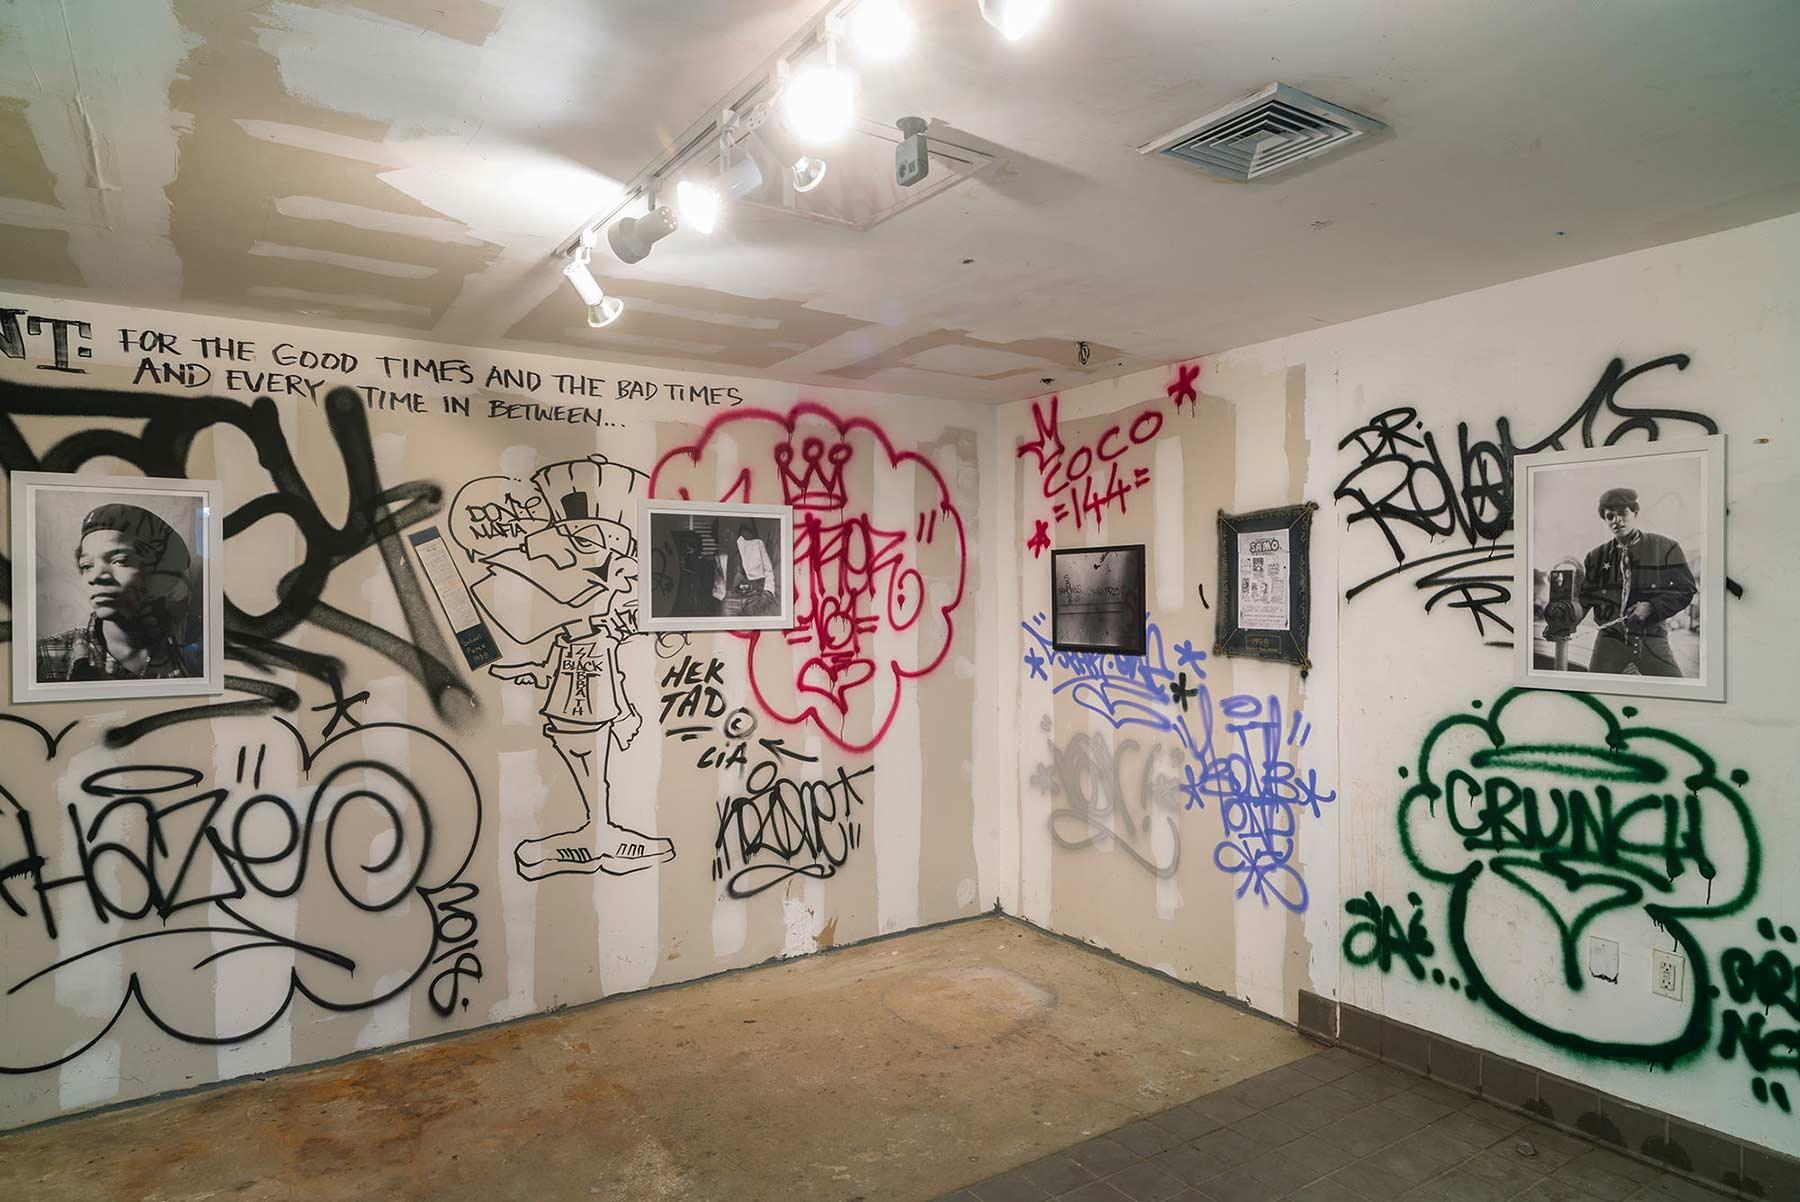 Al Diaz Samo Selected Multi Media Works At Same Old Gallery